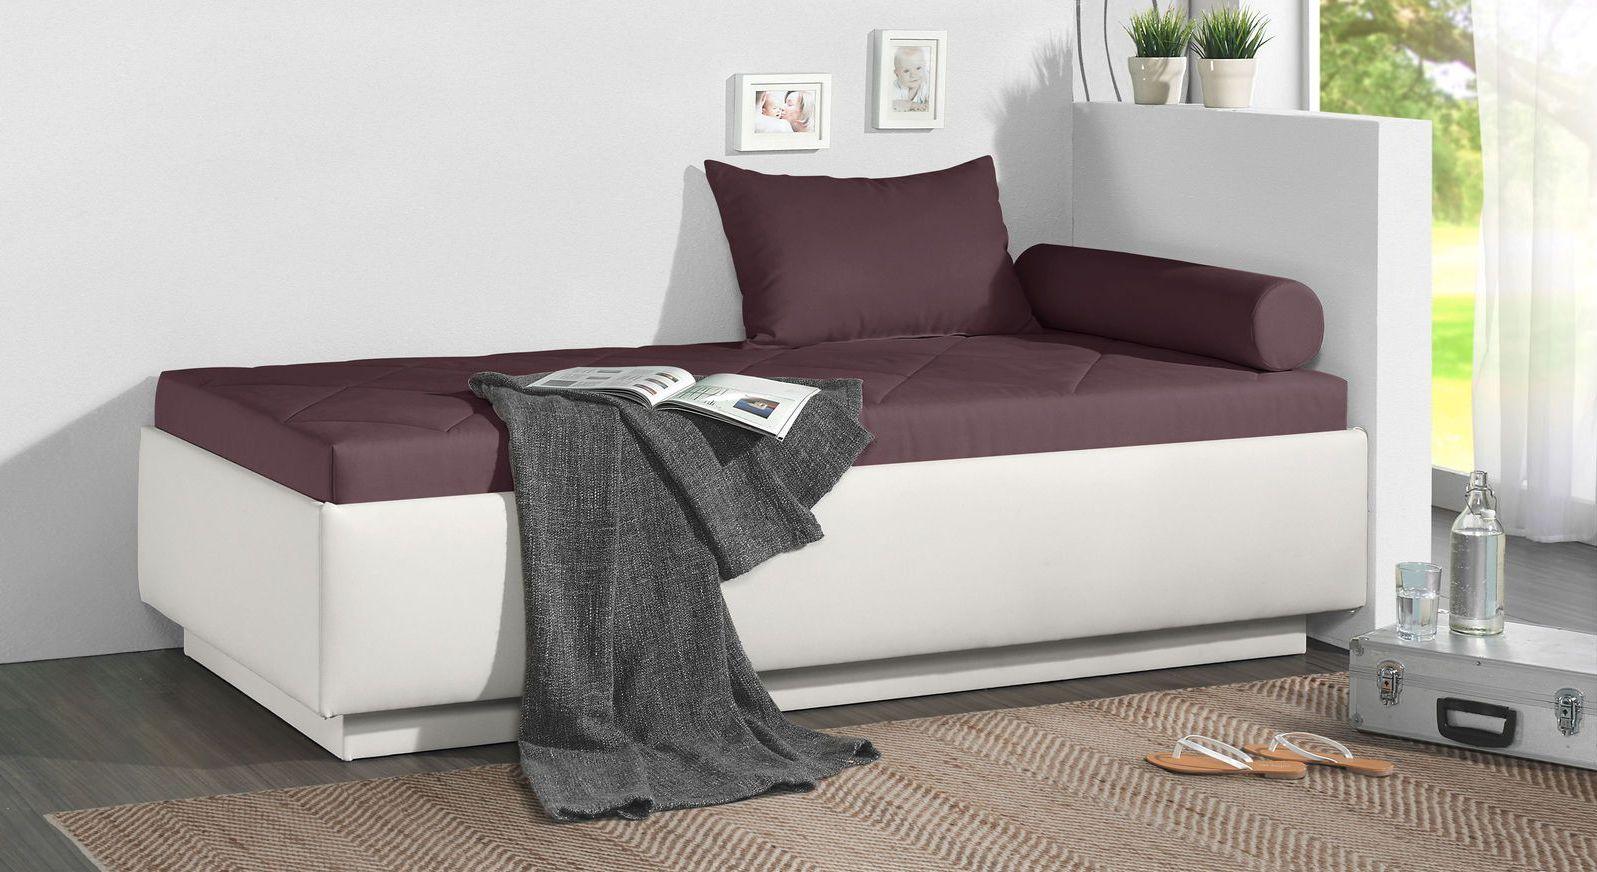 Relaxliege Eriko aus weißem Kunstleder und beerefarbenem Microvelours